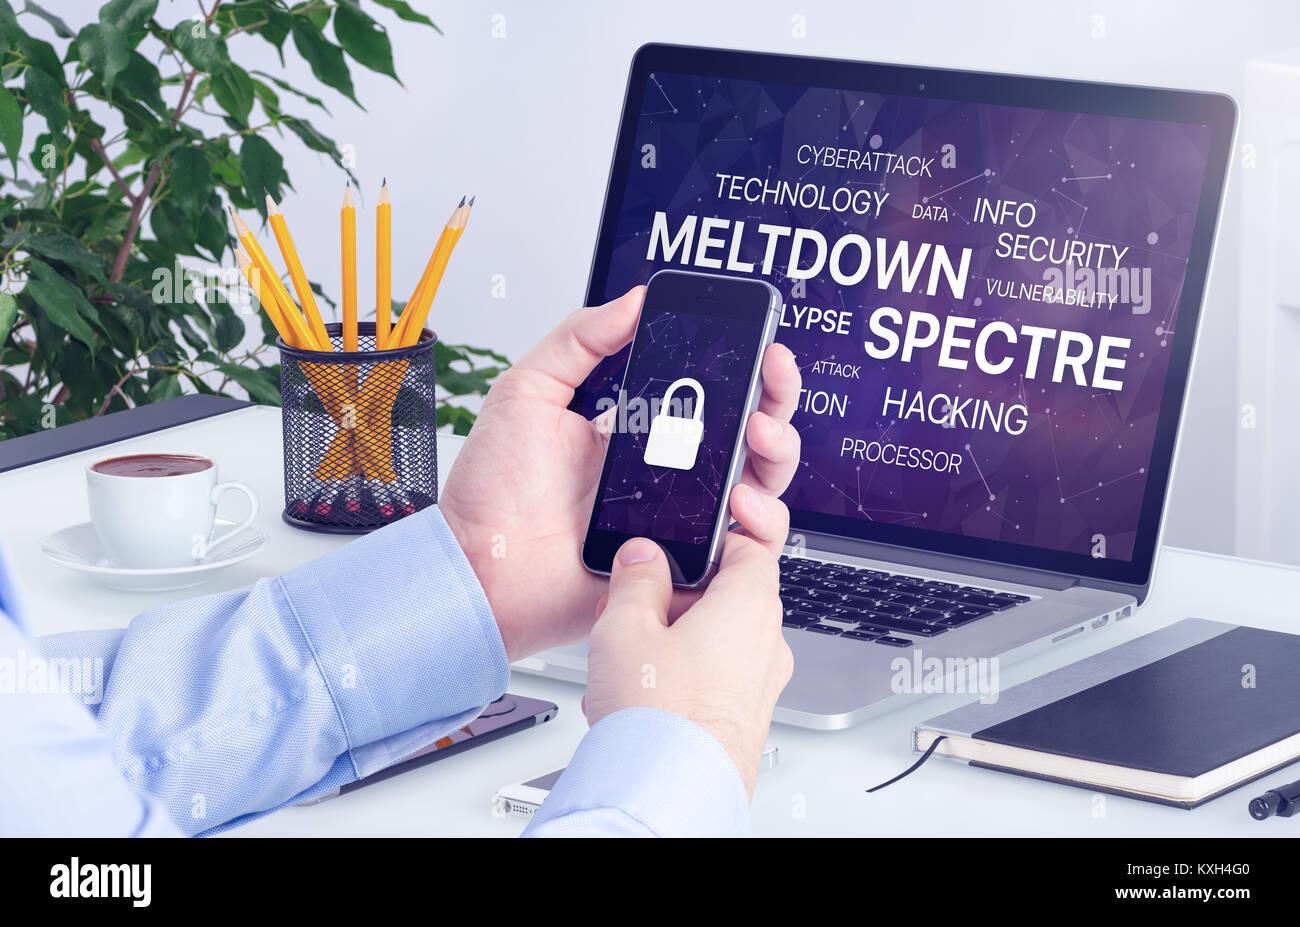 Kernschmelze und Gespenst Bedrohung Konzept auf Laptop und Smartphone. Stockbild